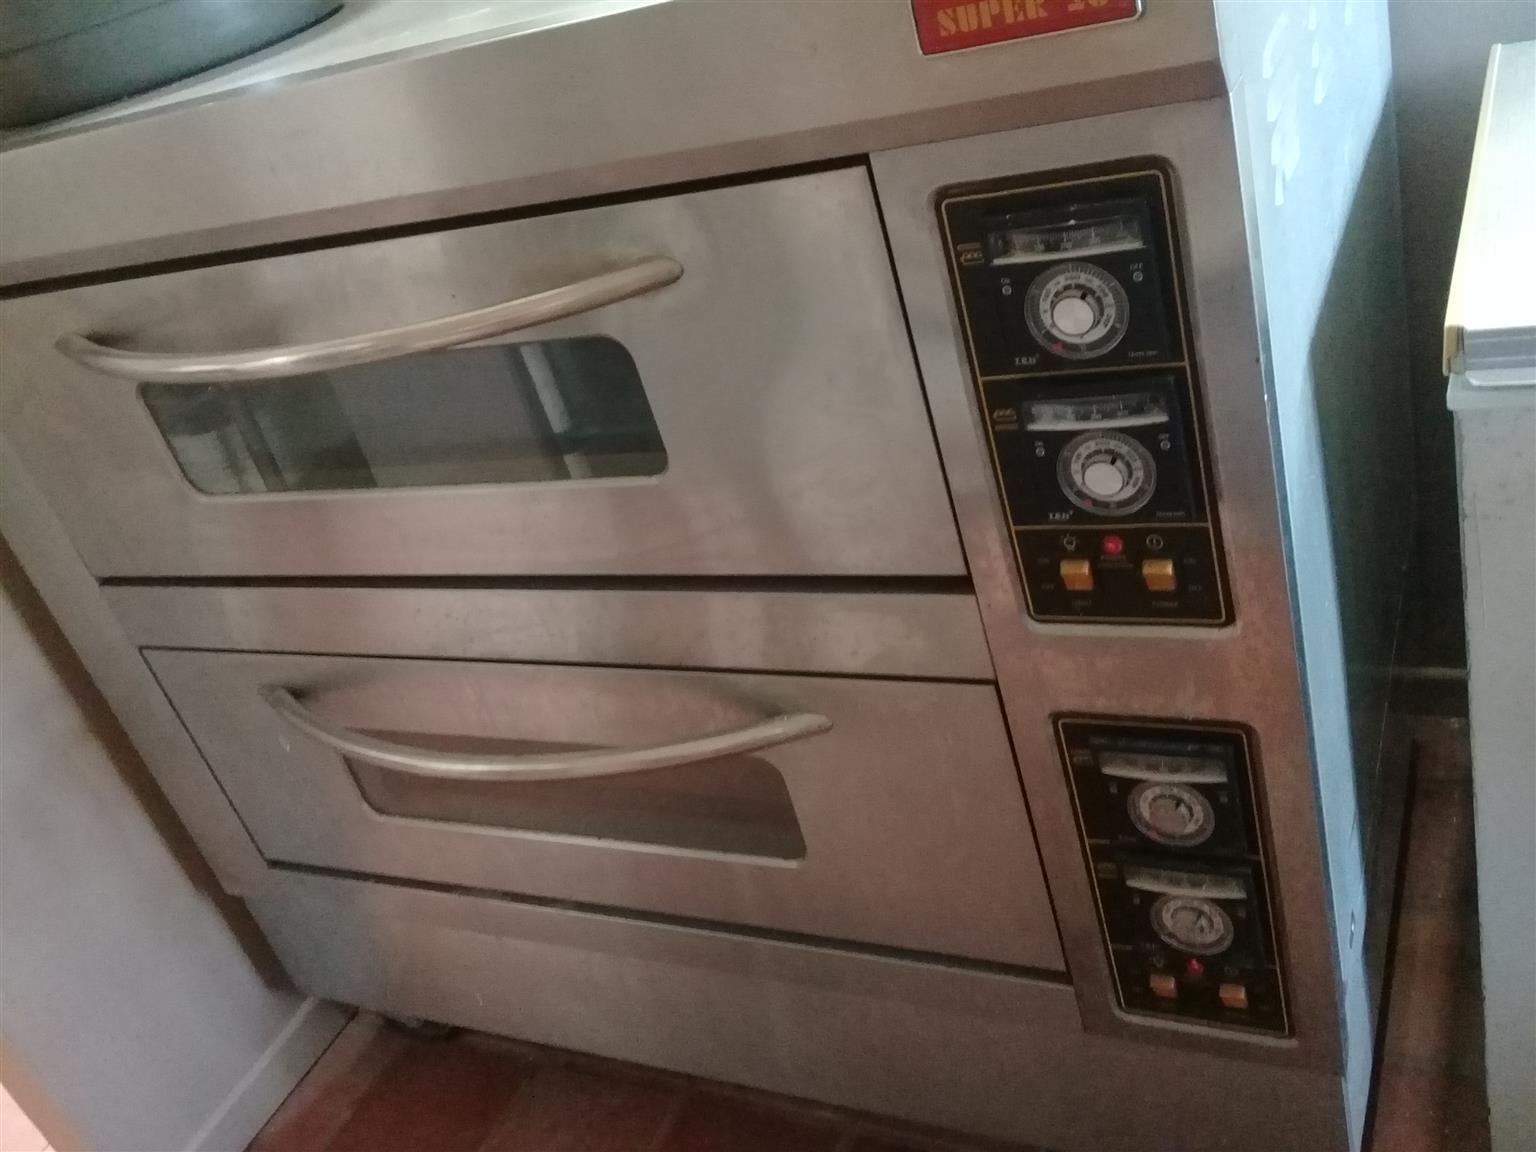 Urgent Super 26 Pizza / Bread oven for sale